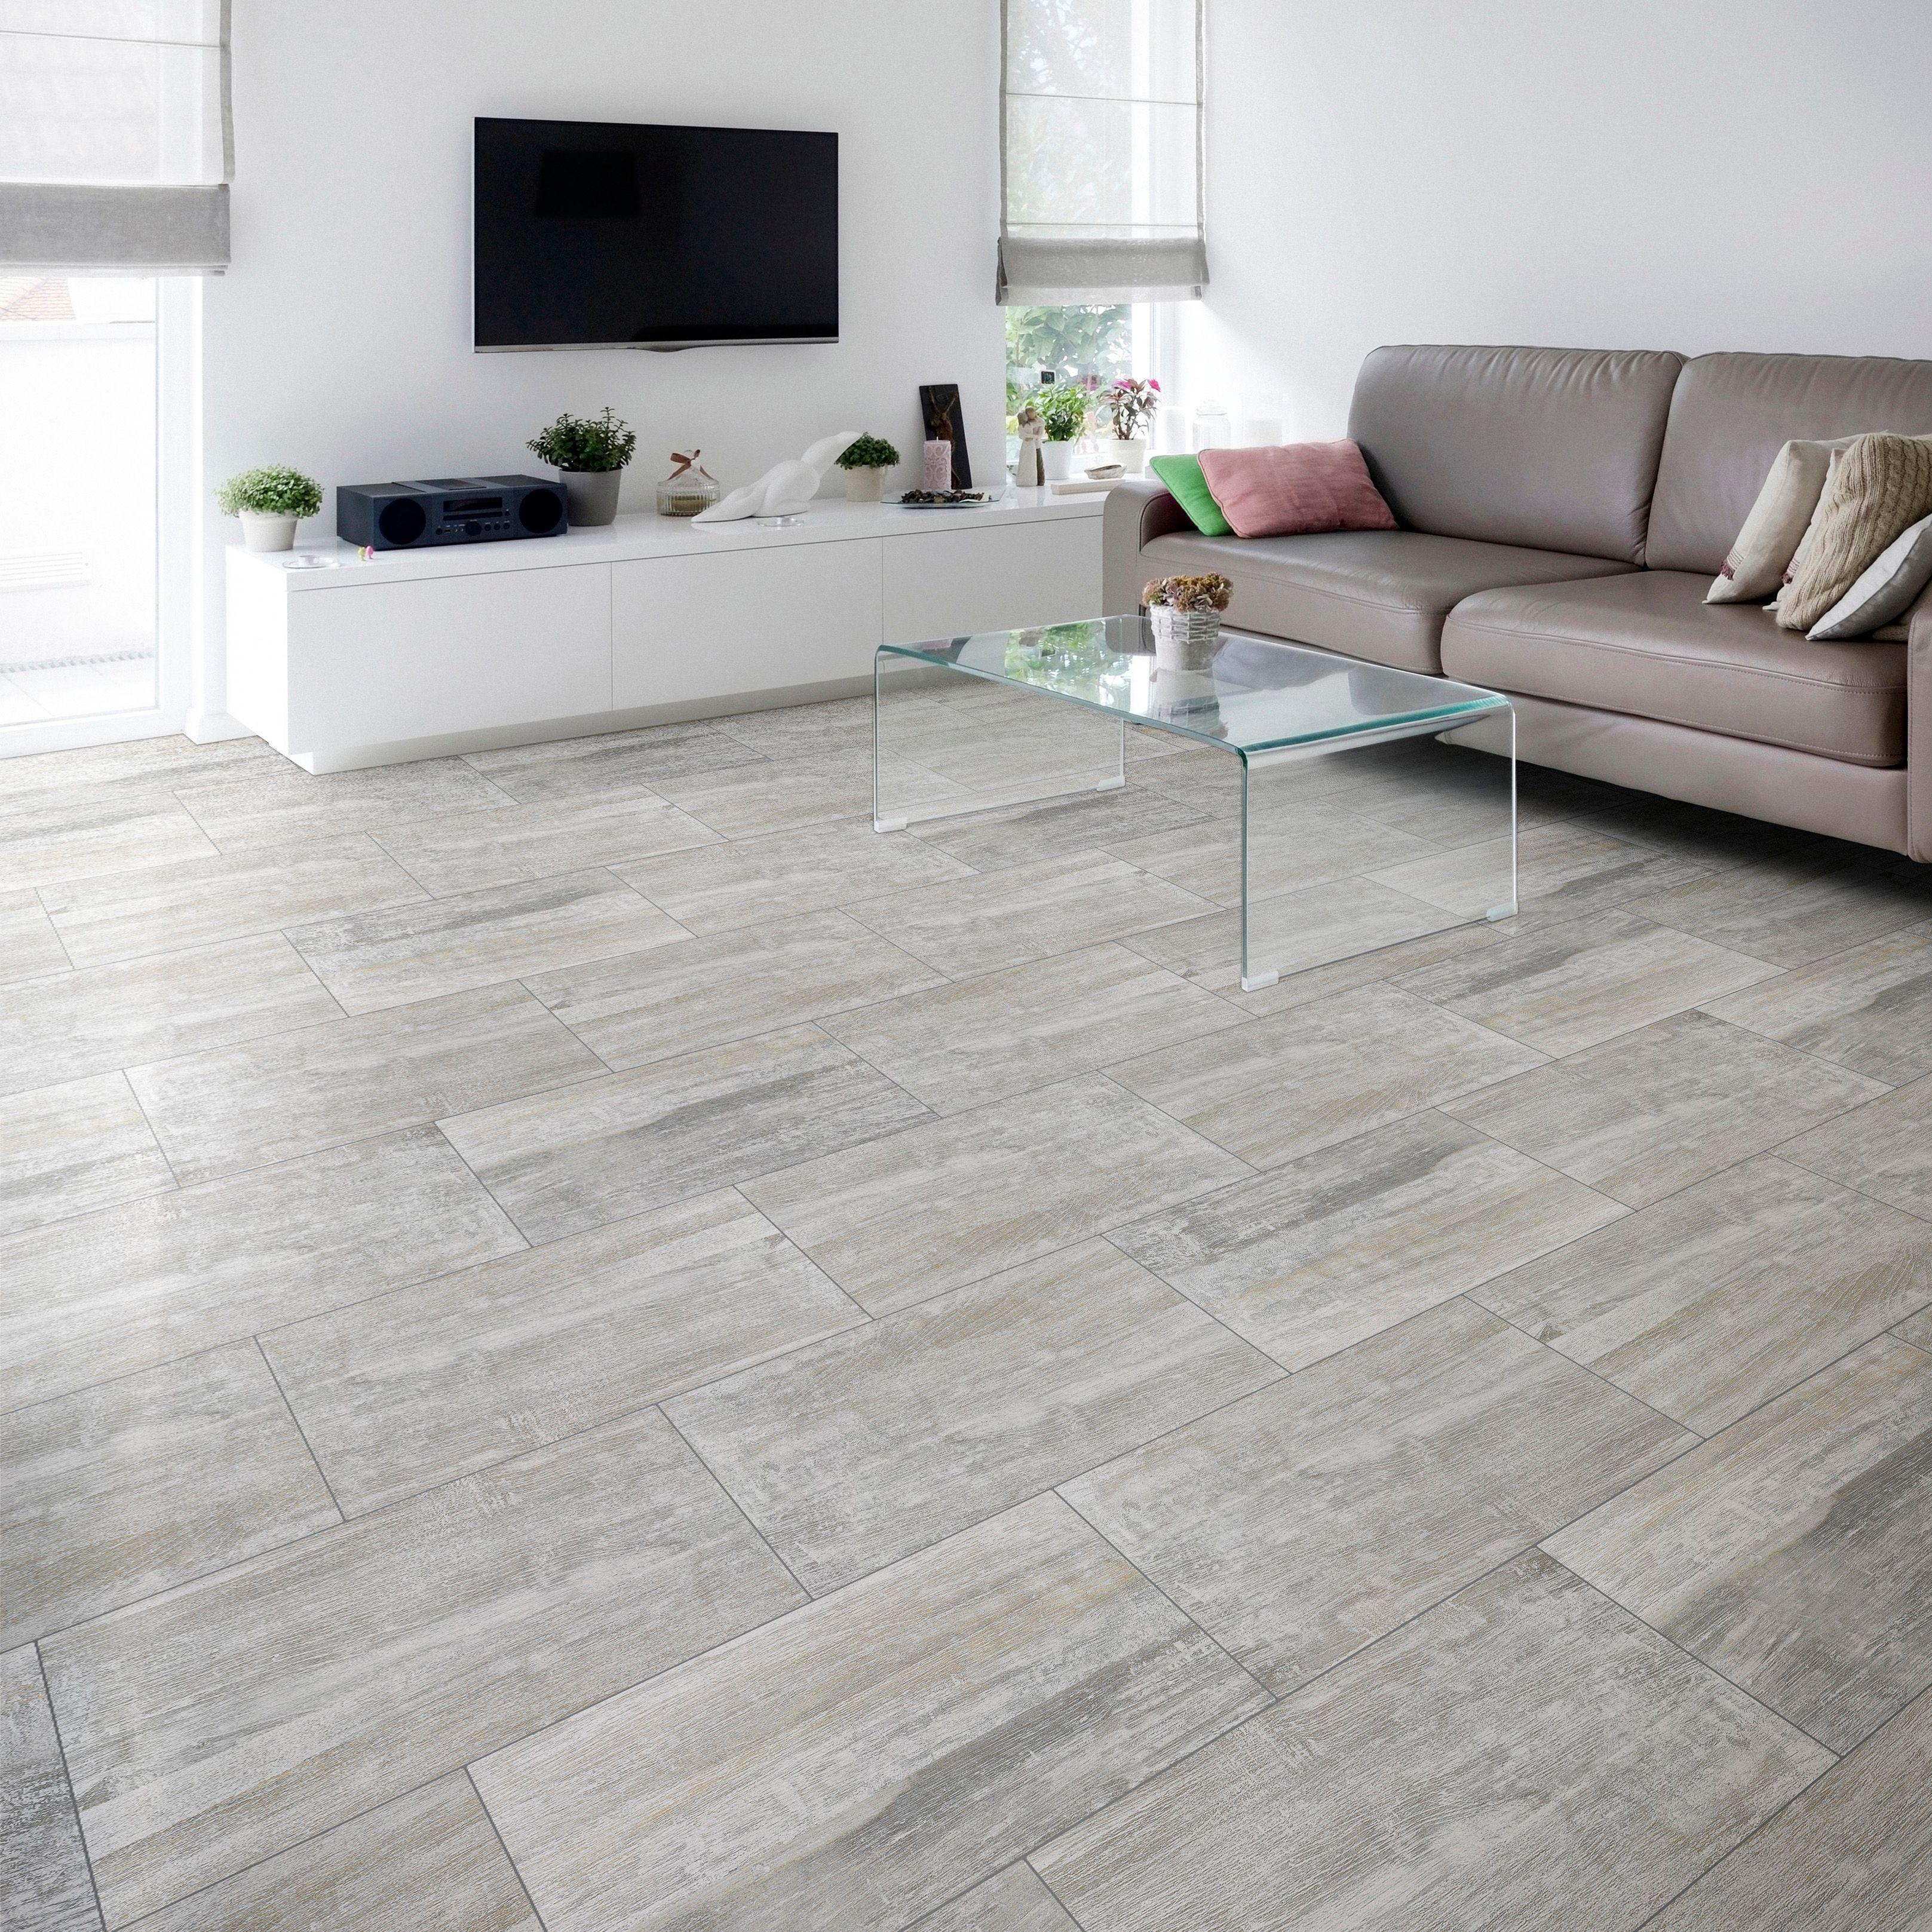 Nordico Grey Vintage Porcelain Floor Tile, Pack of